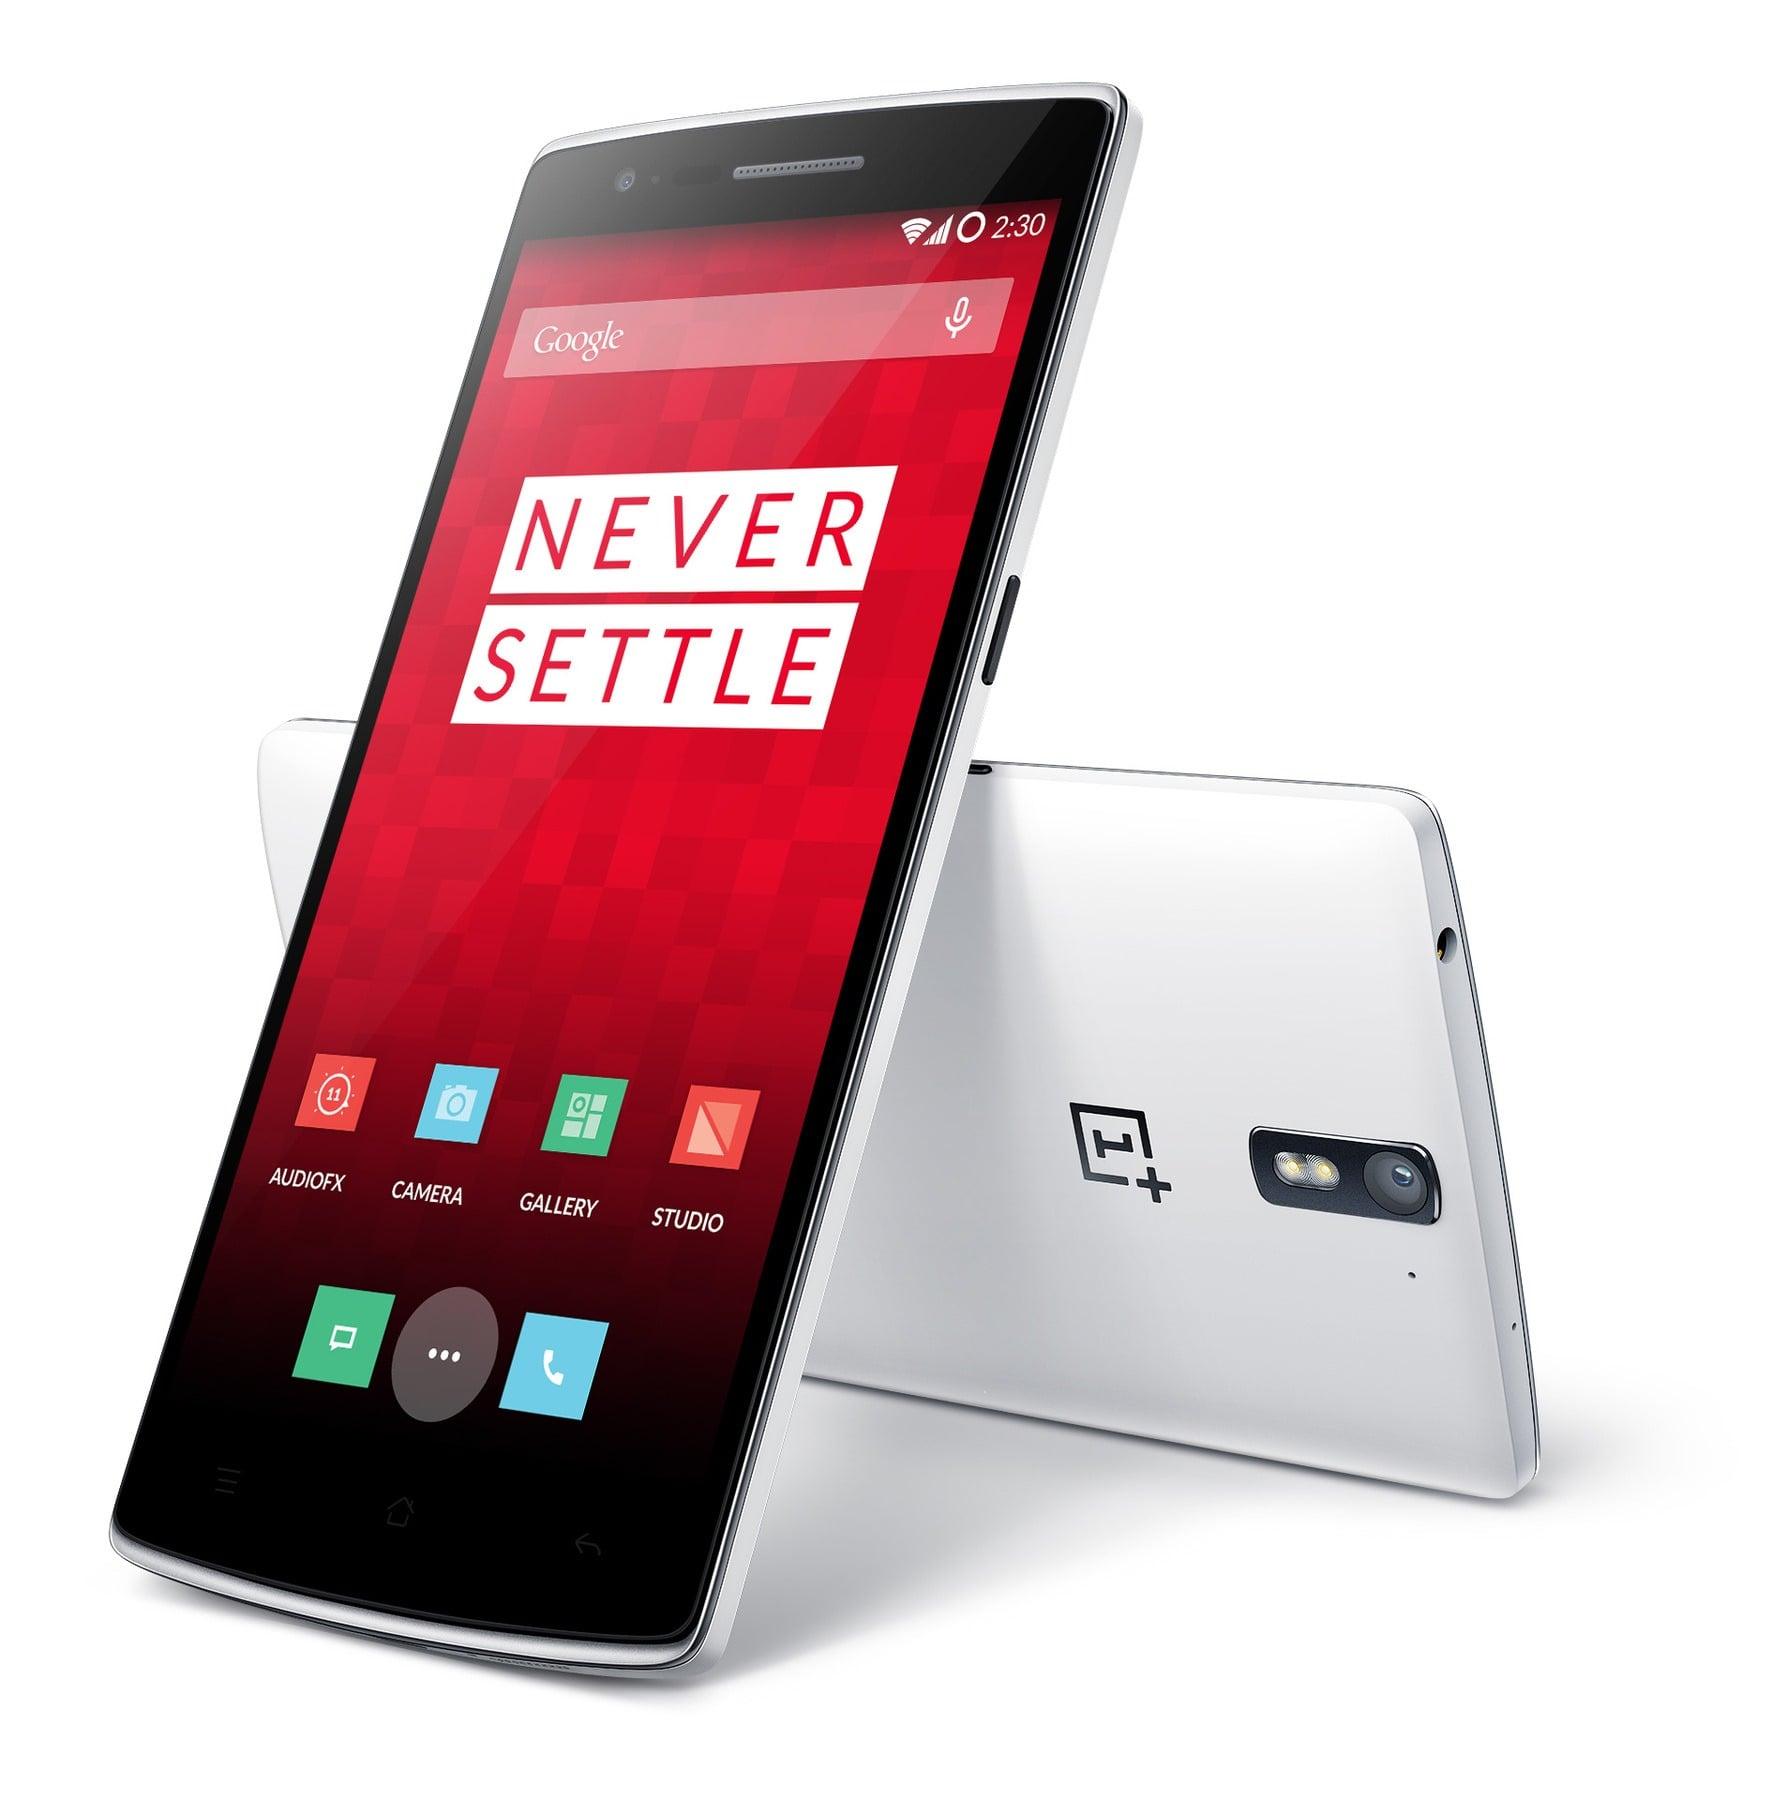 smartfon OnePlus One smartphone